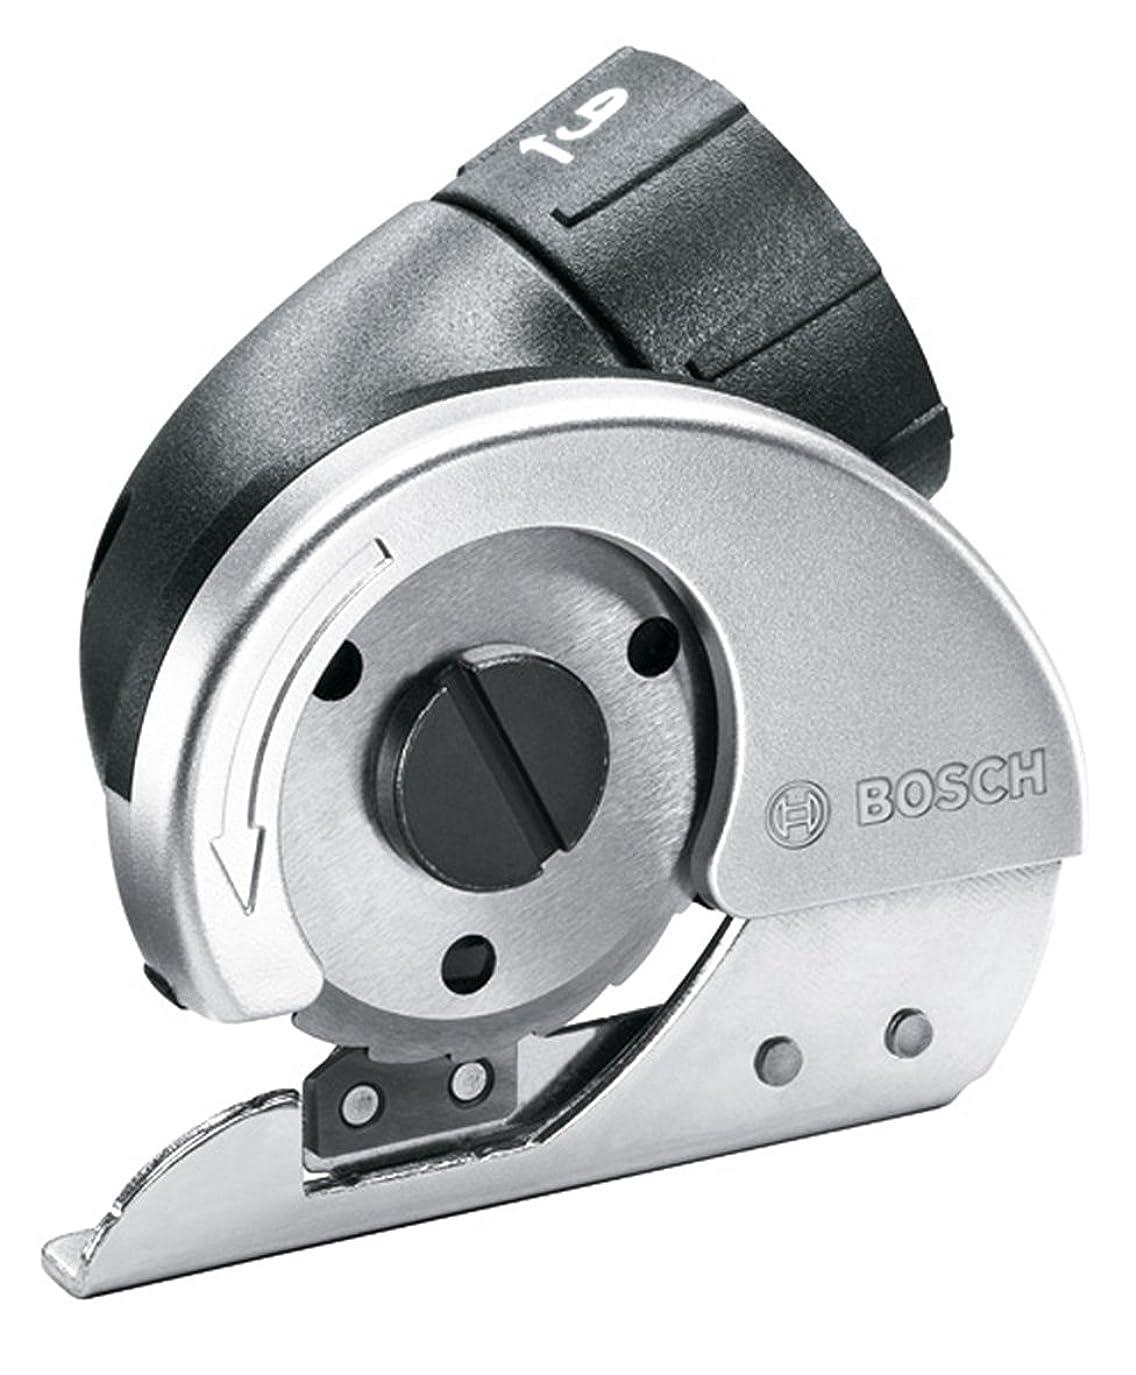 独立した言う失望させるBOSCH(ボッシュ) バッテリードライバーIXO用マルチカッターアダプター CUTTER